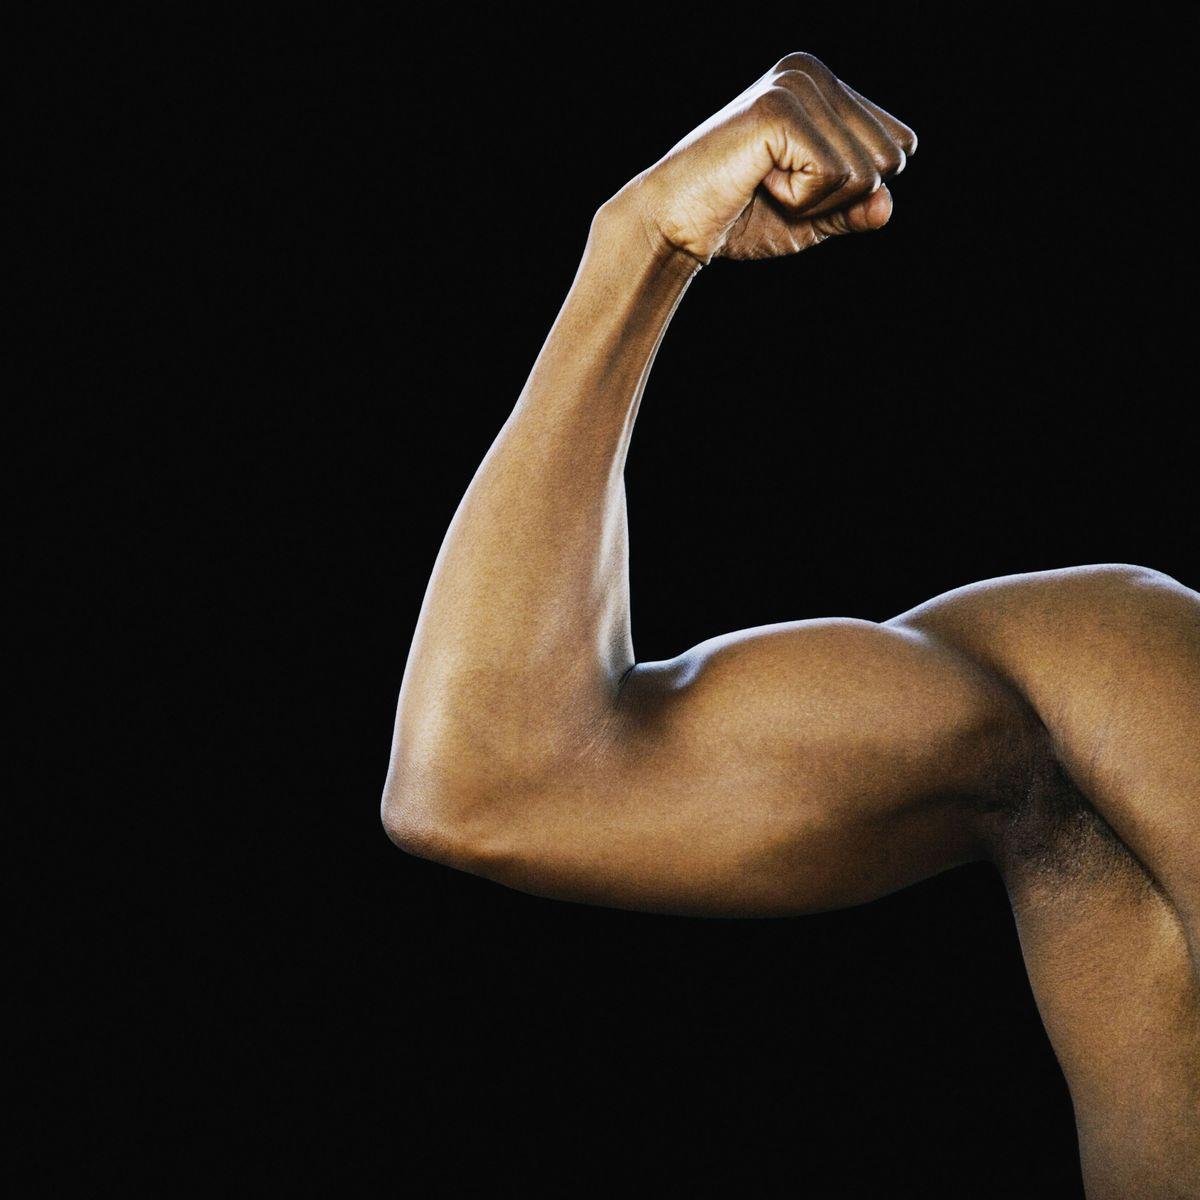 Übungen zum Abnehmen der Arme ohne Muskelaufbau